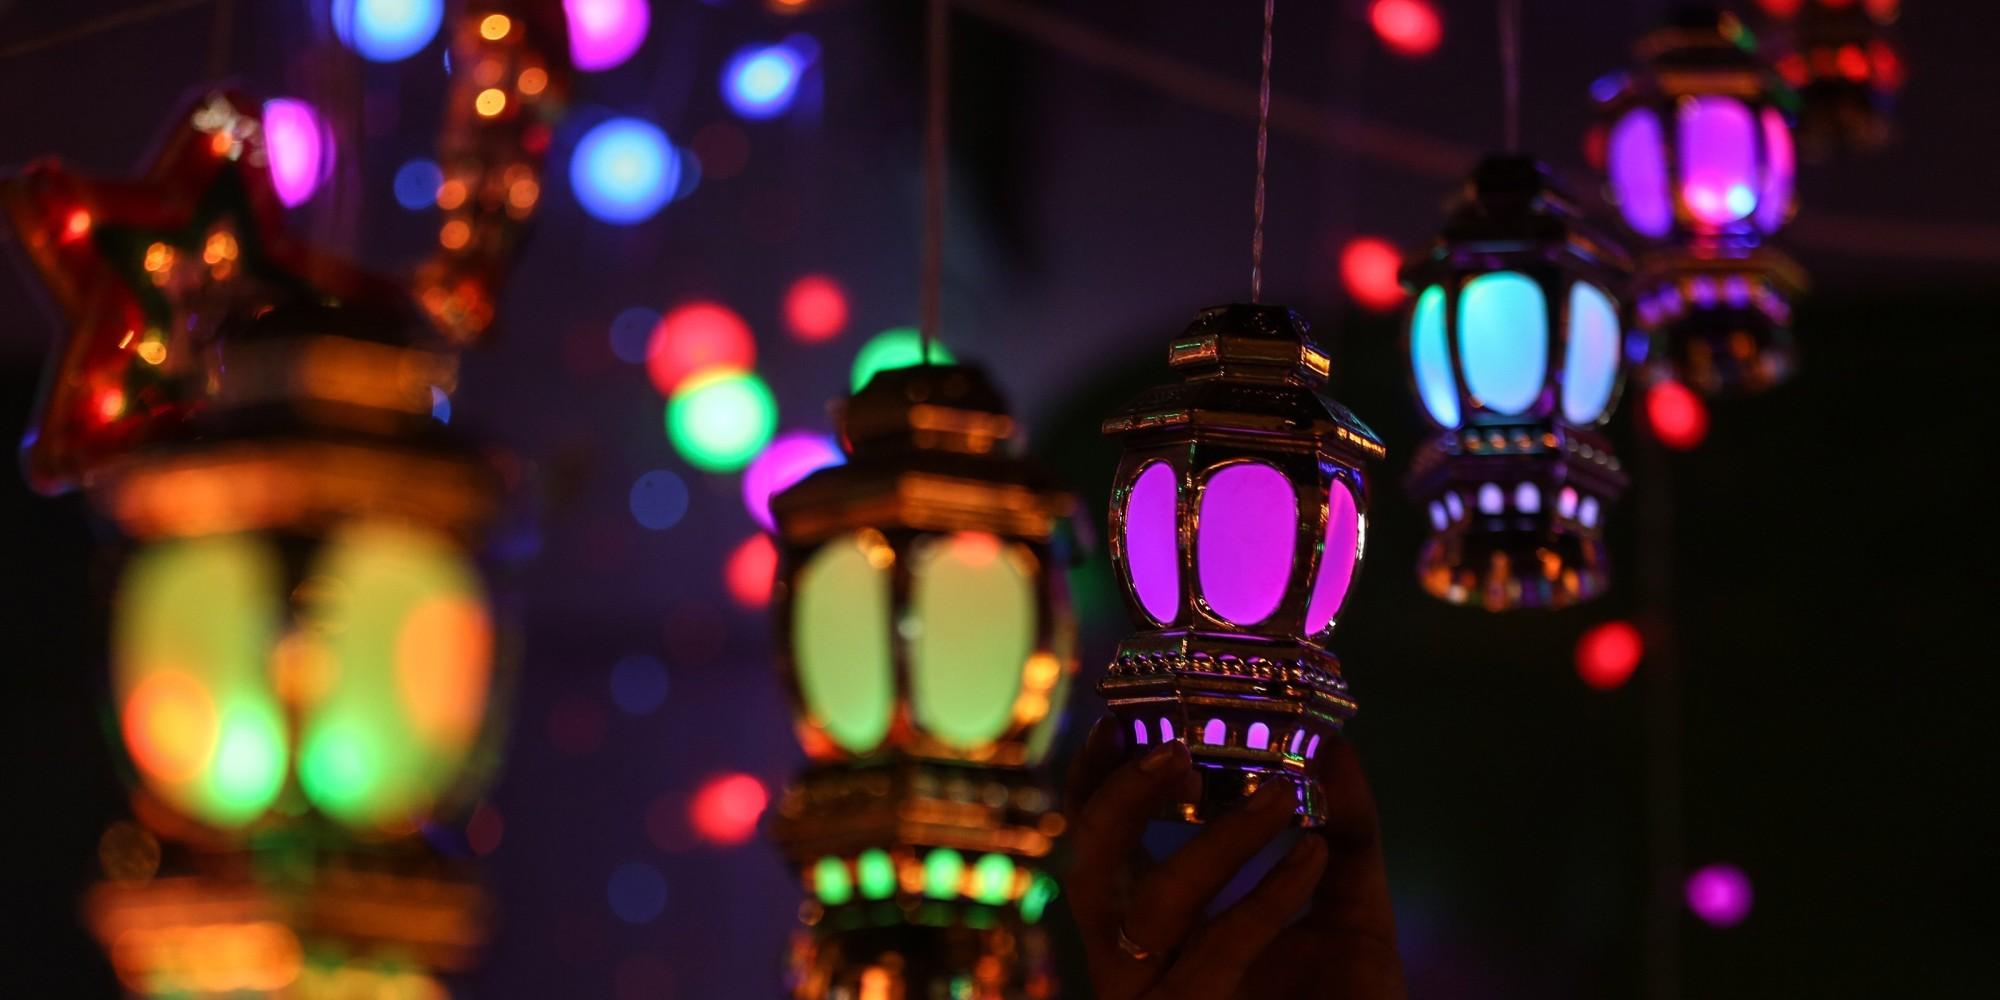 بالصور صور فانوس رمضان , حنعيد السنادى على اصحابنا باحلى هدية 1493 6